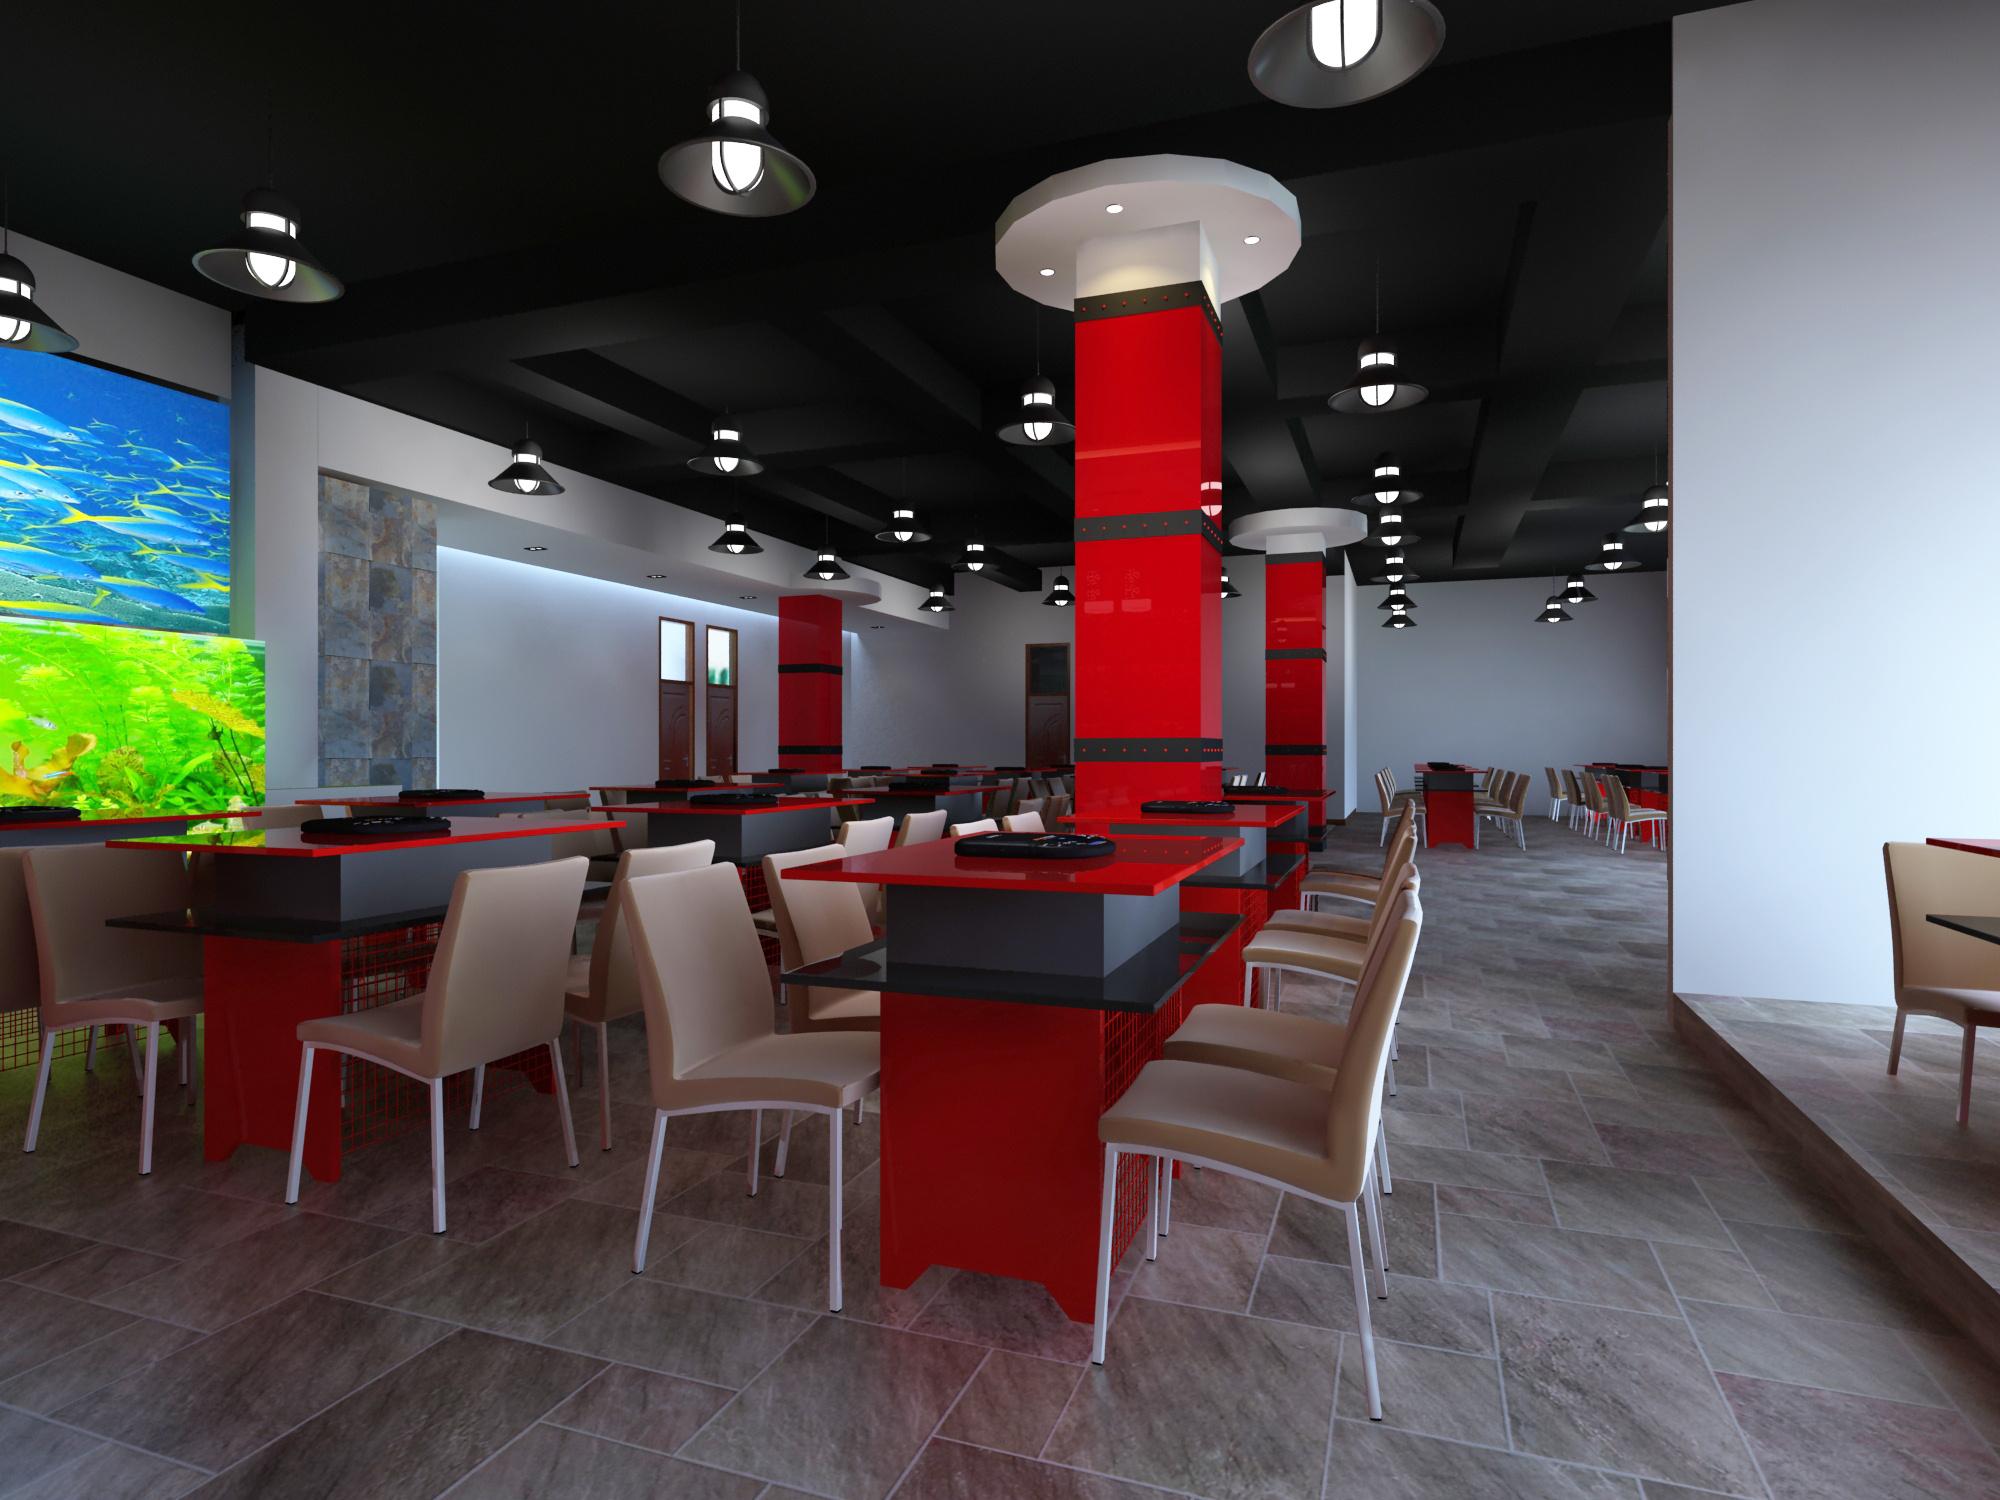 火锅店餐厅设计装修效果图 成都火锅店设计装修公司